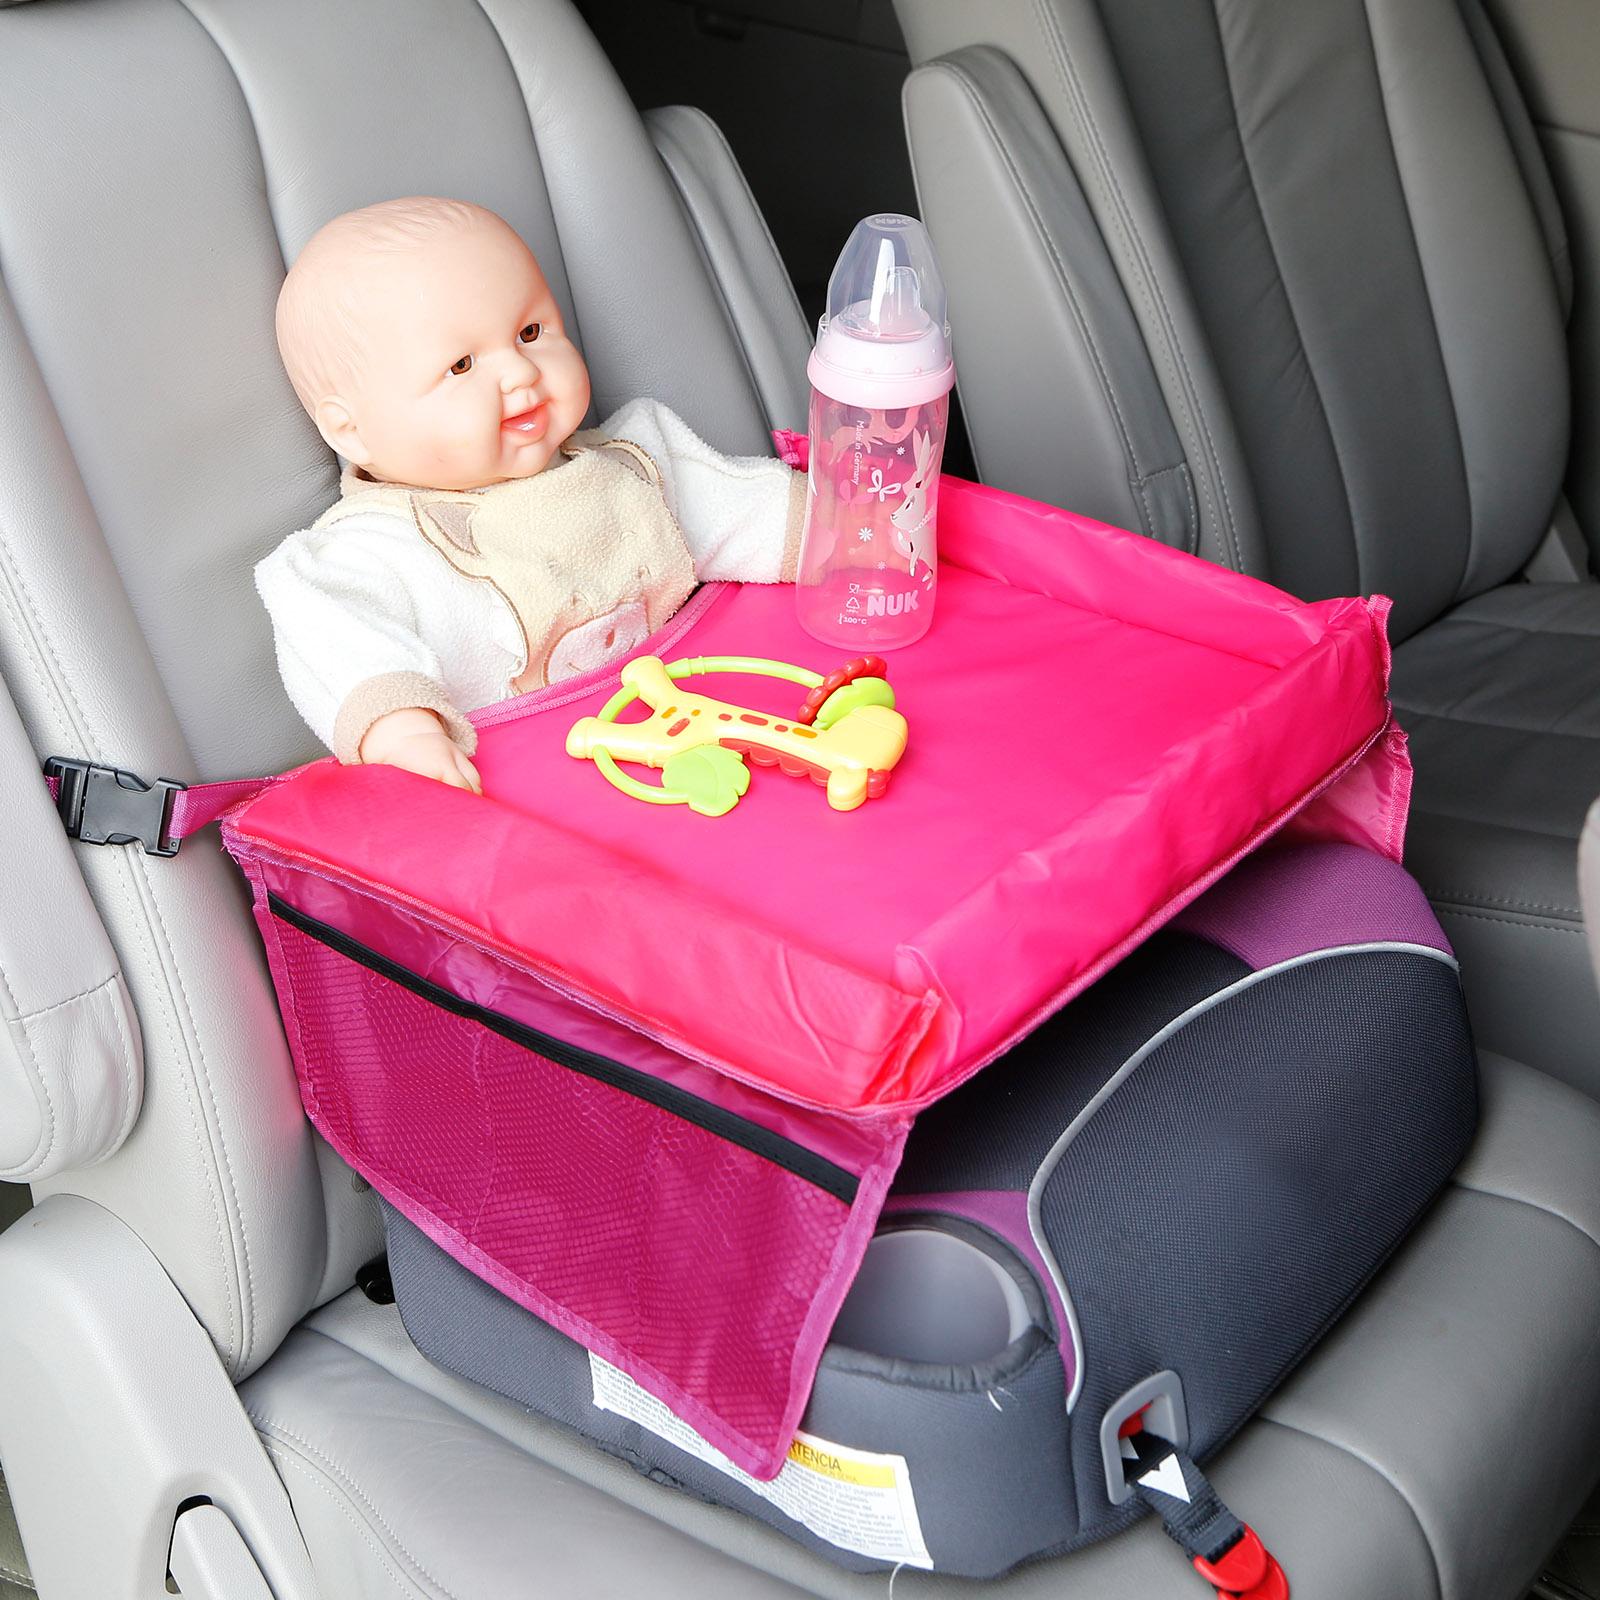 auto kinder wasserabweisend spieltisch reise essentisch f r kindersitze rosa ebay. Black Bedroom Furniture Sets. Home Design Ideas